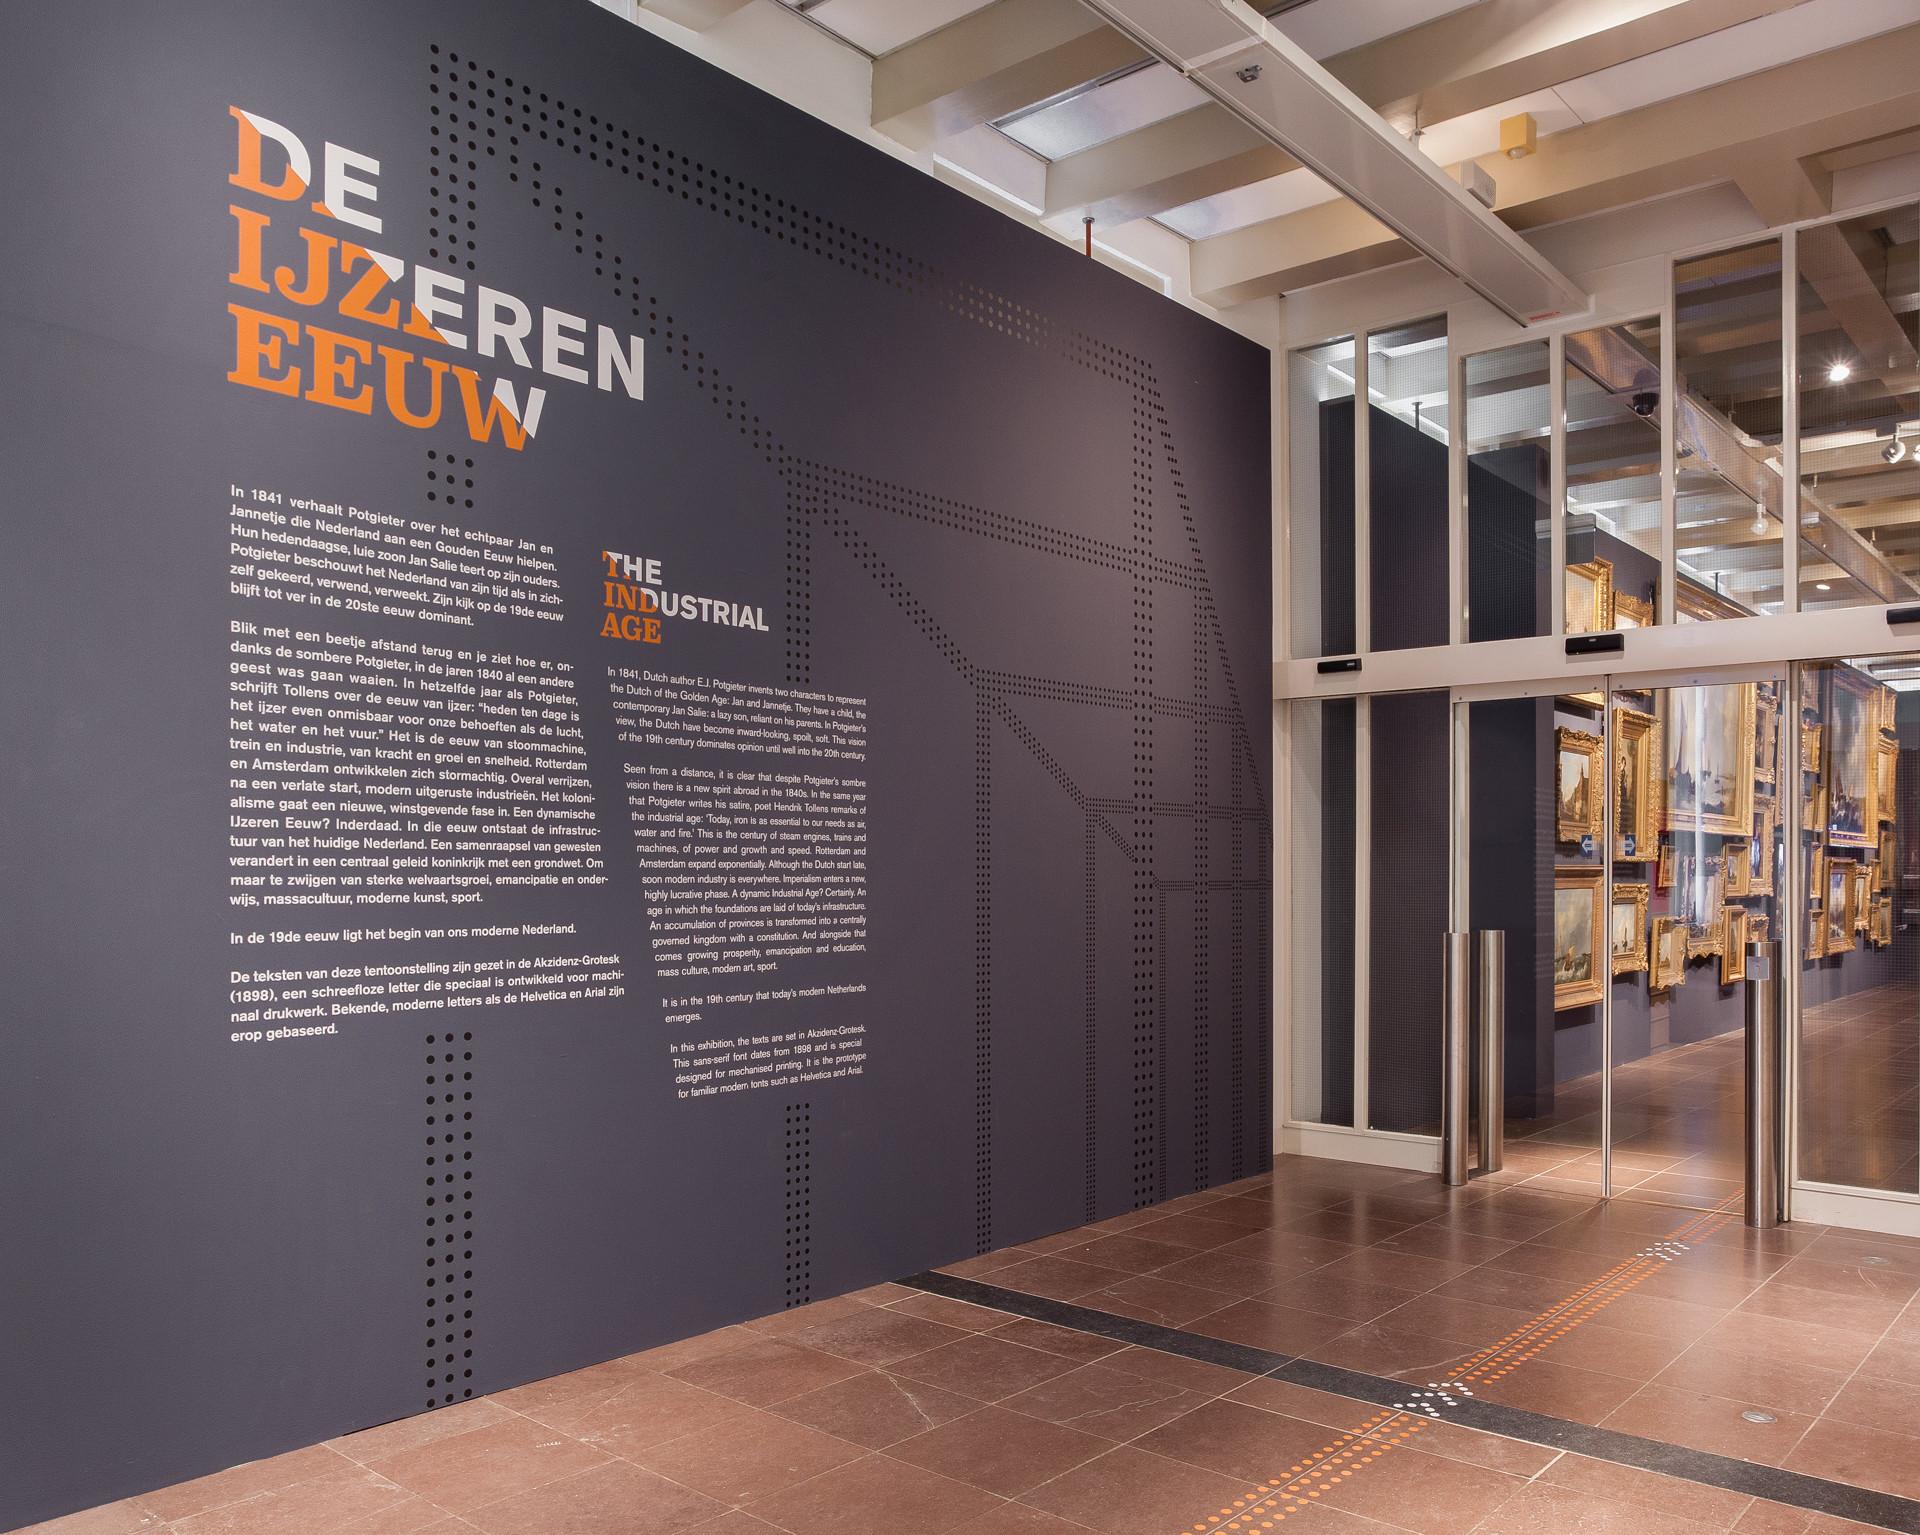 tentoonstellingsontwerp ijzeren eeuw amsterdam museum 01a jpg